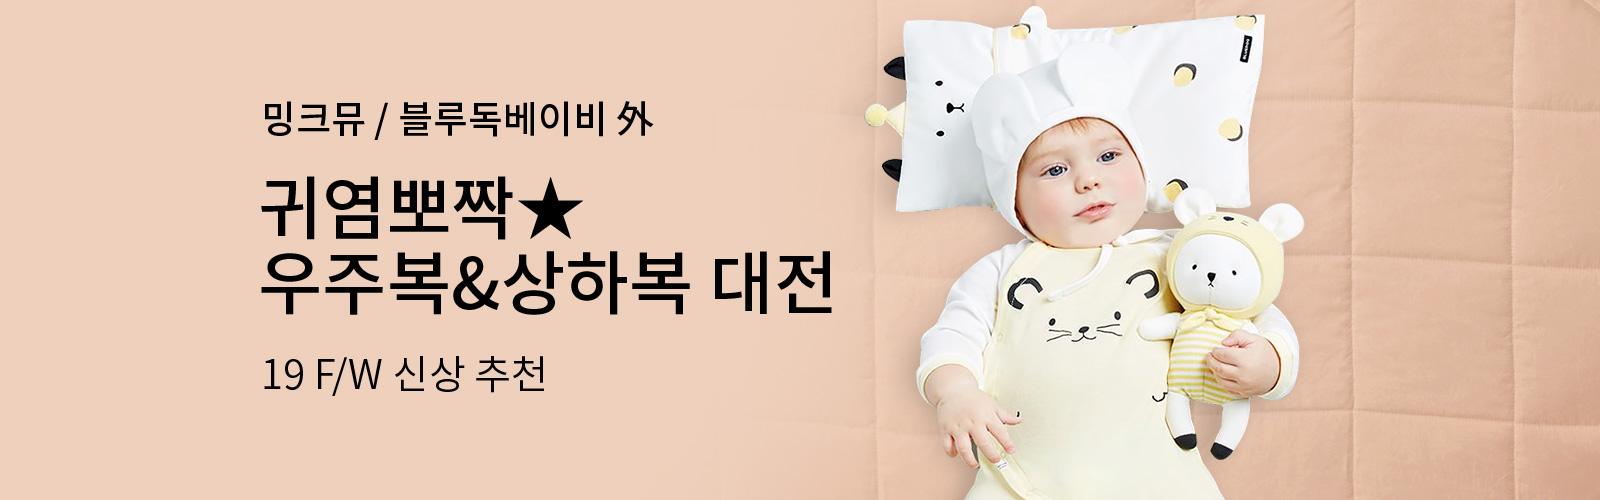 밍크뮤 블루독베이비 외 귀염뽀짝 우주복 상하복 대전 19 F/W 신상 추천